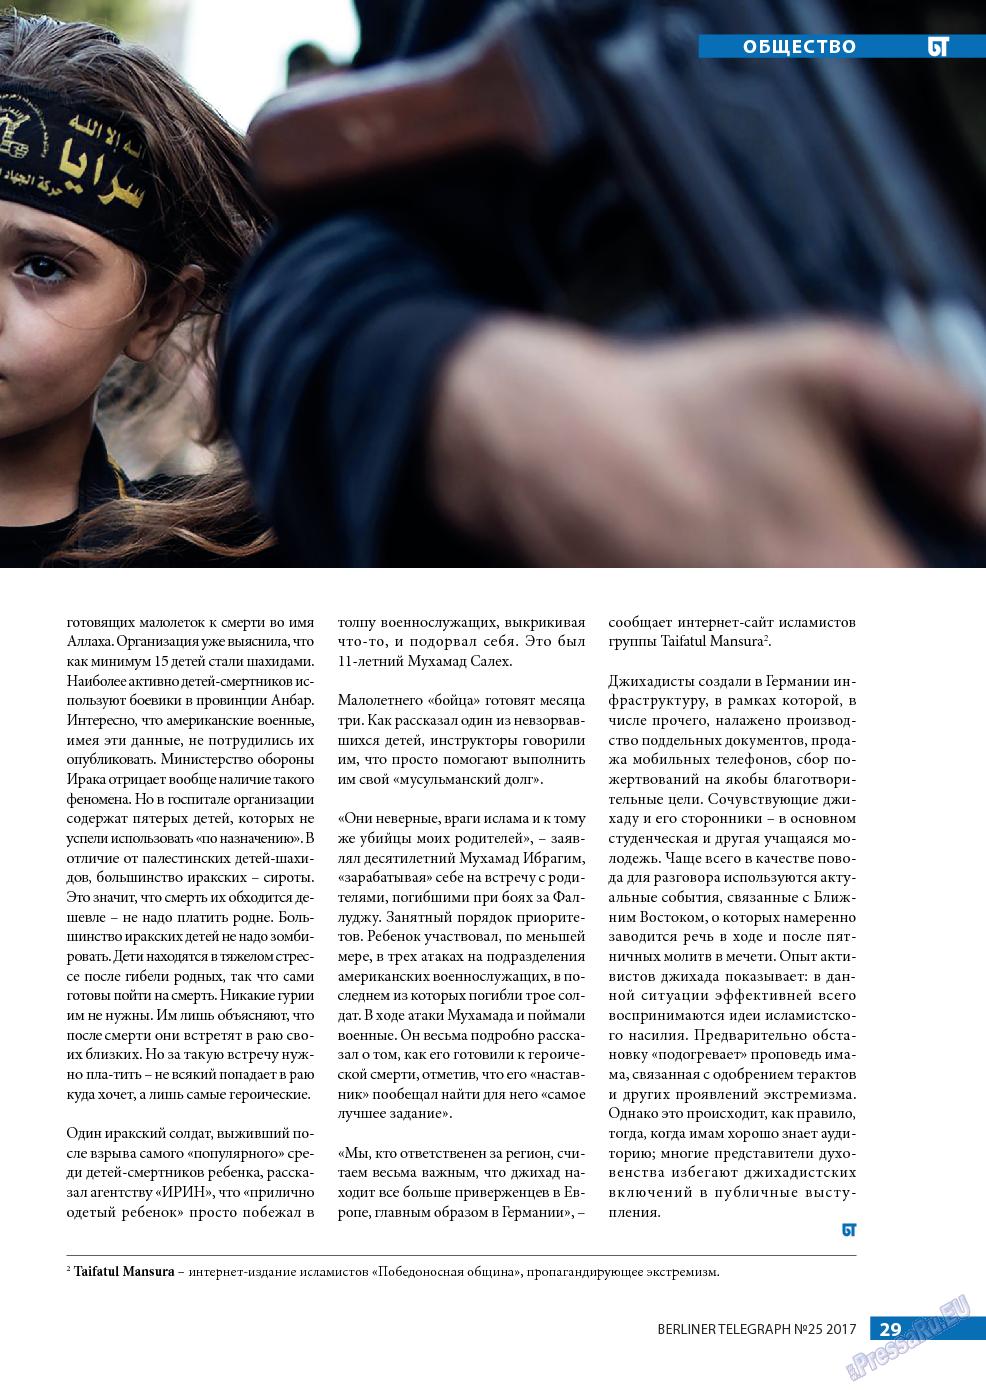 Берлинский телеграф (журнал). 2017 год, номер 25, стр. 29